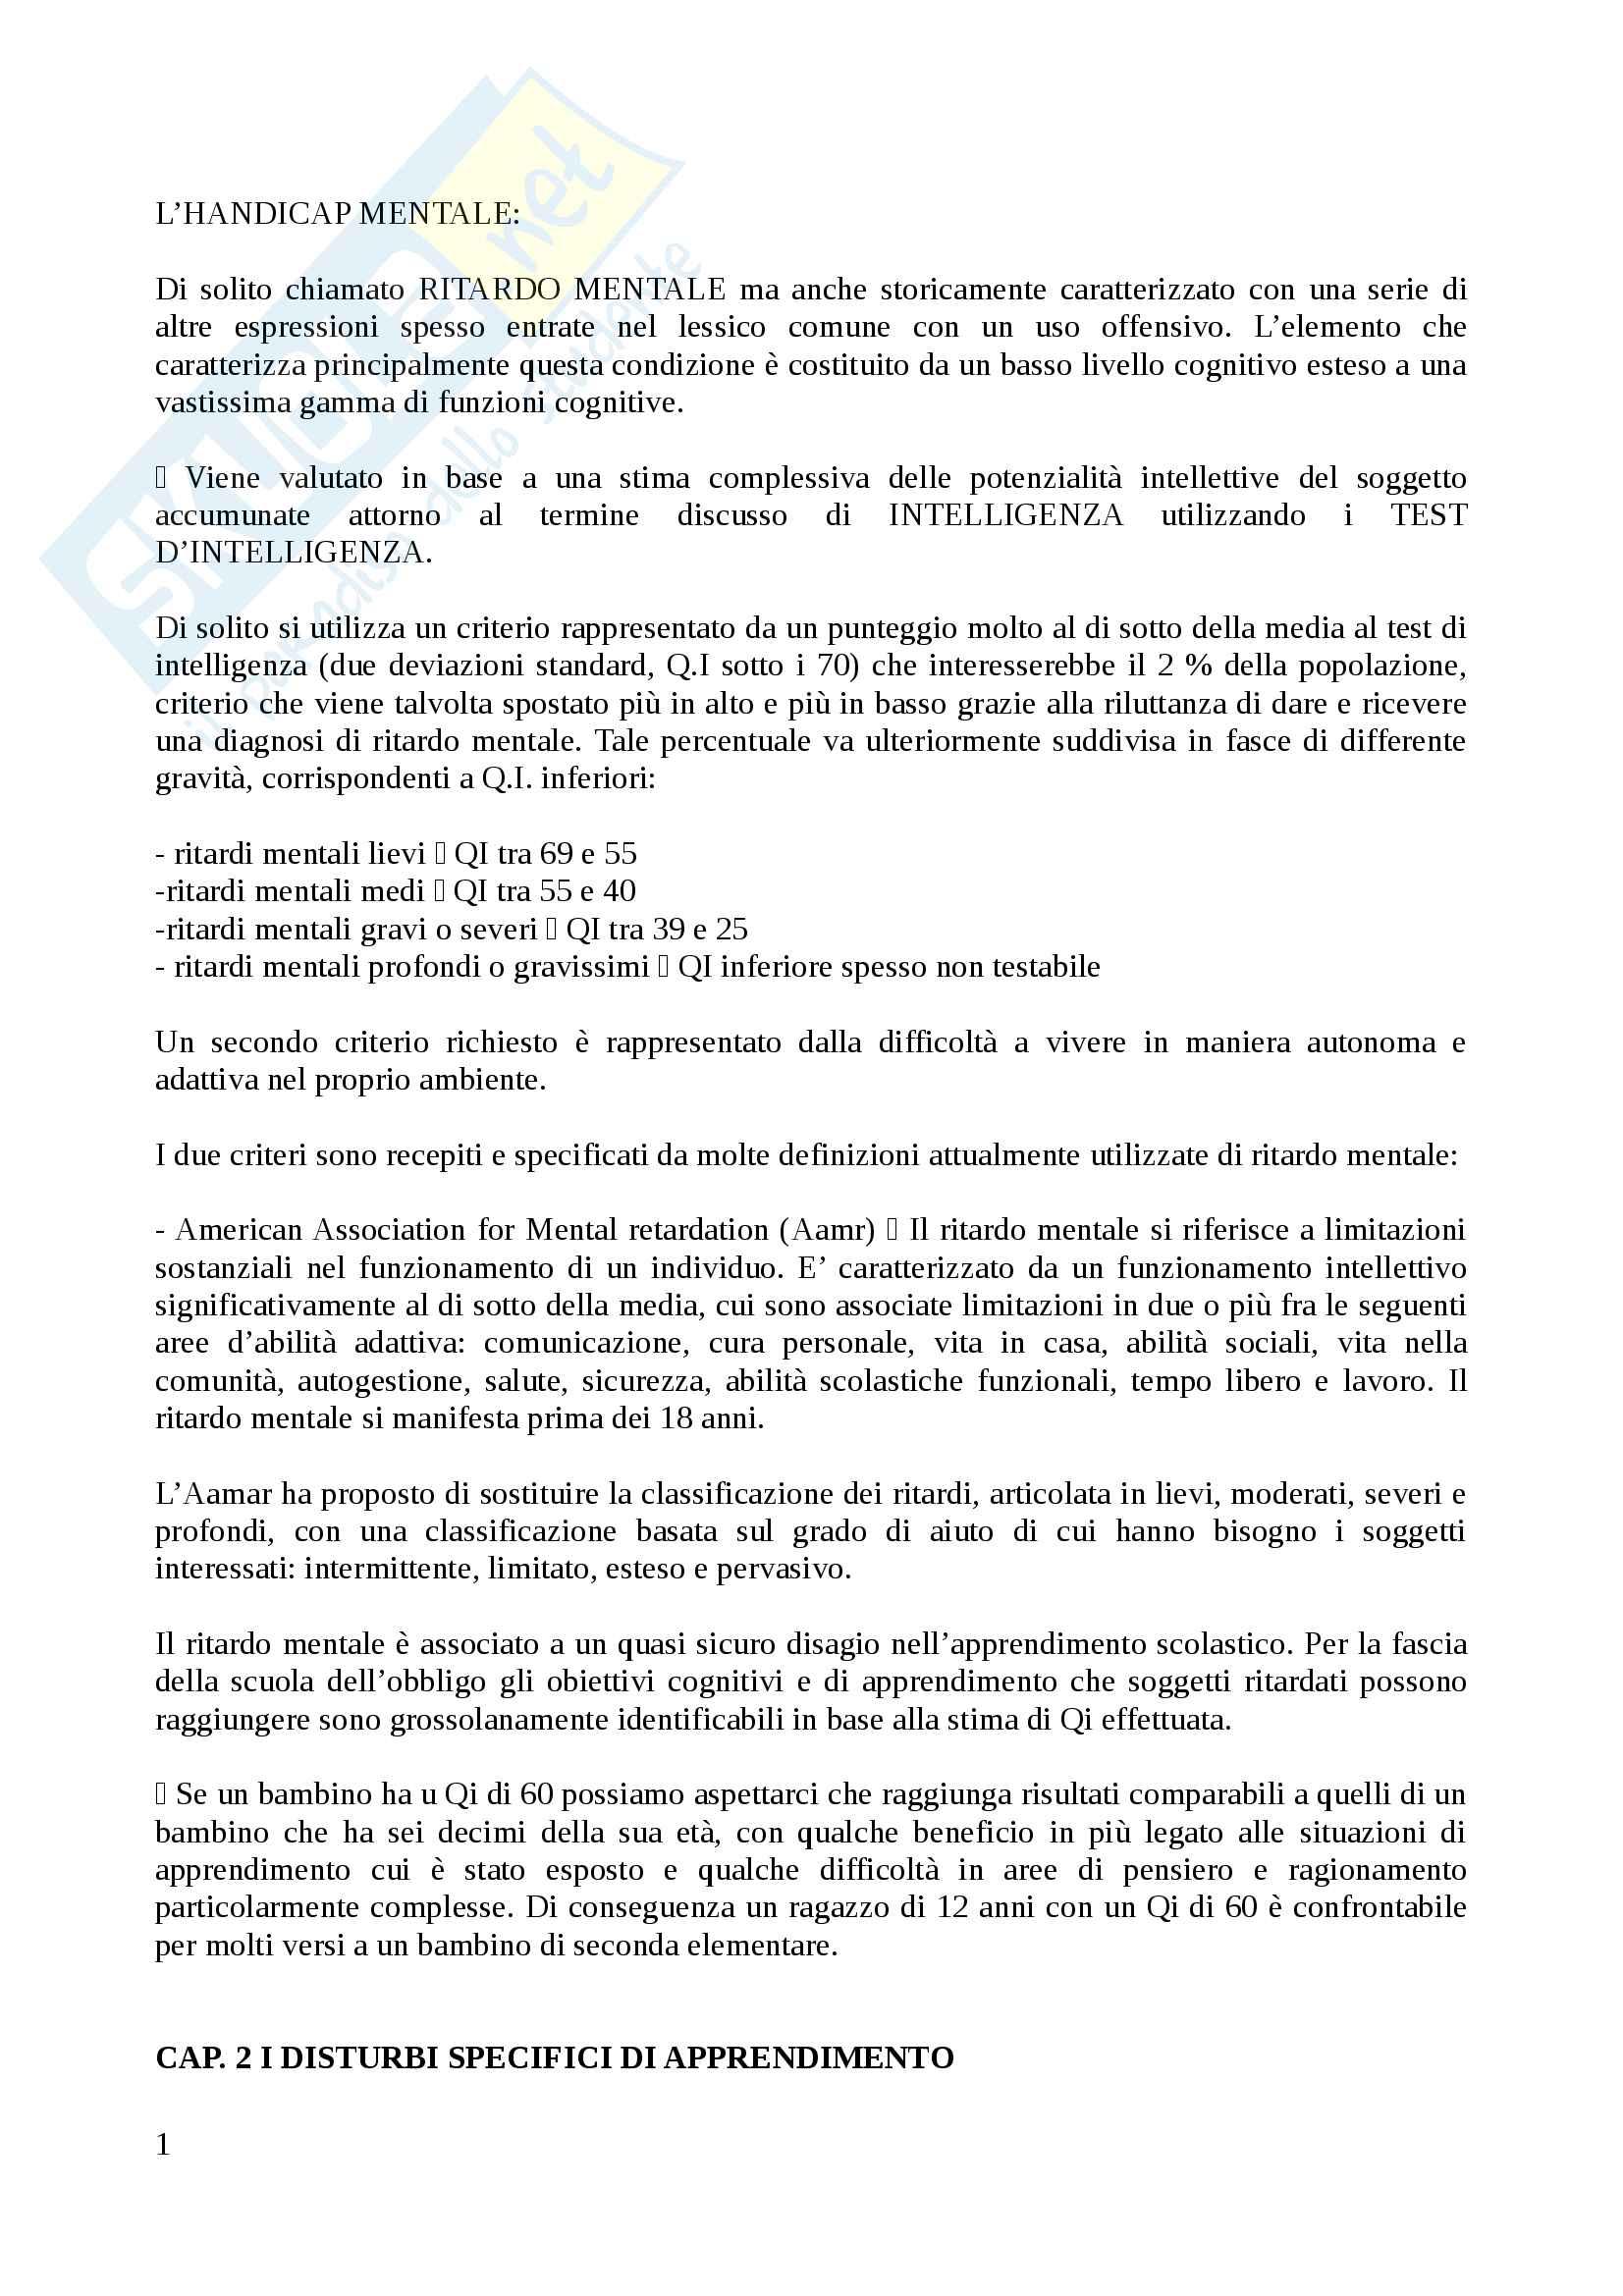 Riassunto esame Metodi e tecniche dei processi di apprendimento, docente Giorgietti, libro consigliato Difficoltà e disturbi dell' apprendimento, Cornoldi